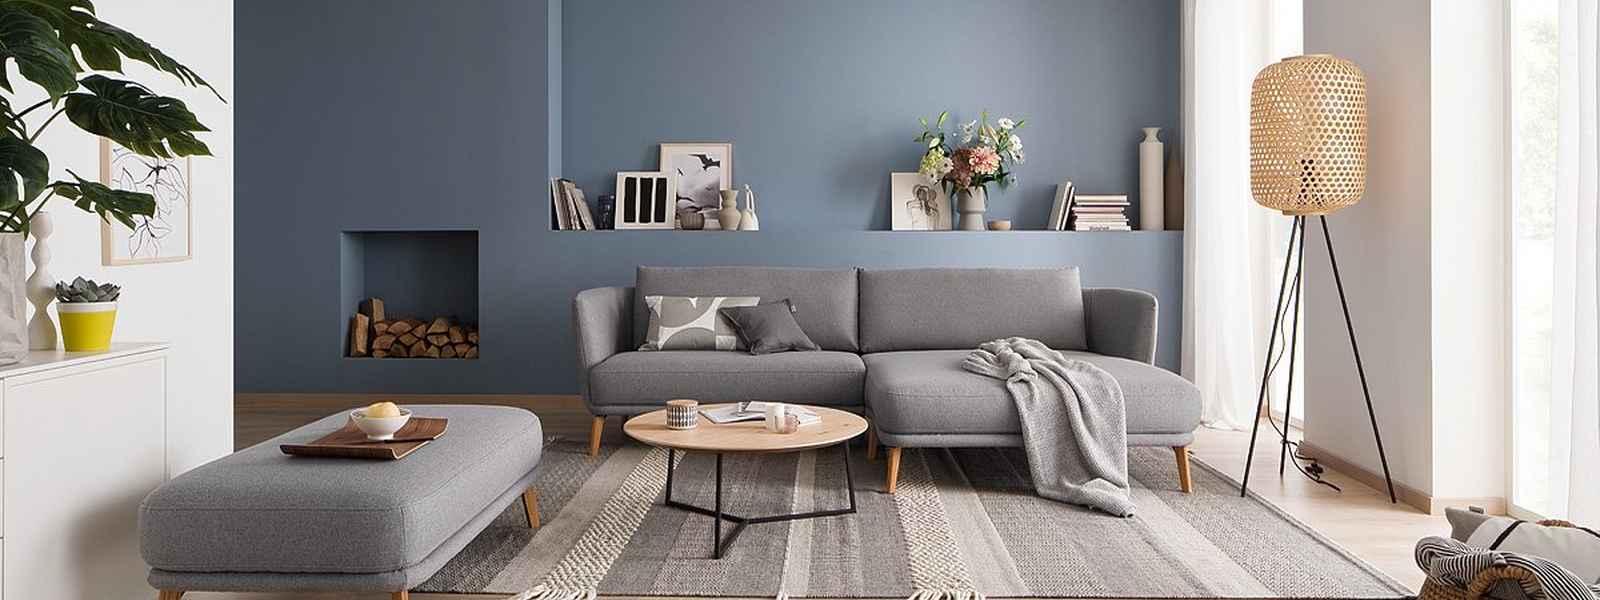 Schöner Wohnen Sofas & Couches